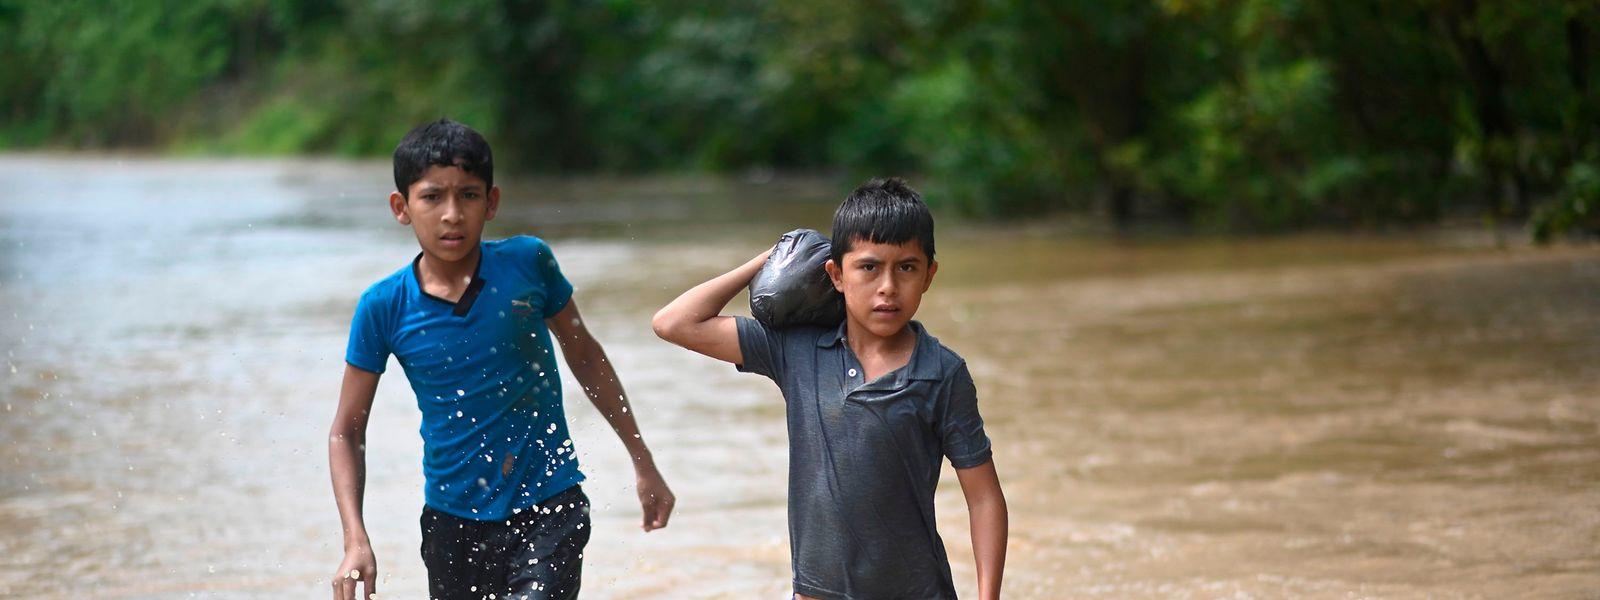 November 2020: Zwei Jungen waten durch überschwemmtes Land nördlich von Guatemala City nach dem Hurrikan Eta. 1,2 Millionen Kinder in der Region sind von der Katastrophe betroffen, schätzt die Unicef.